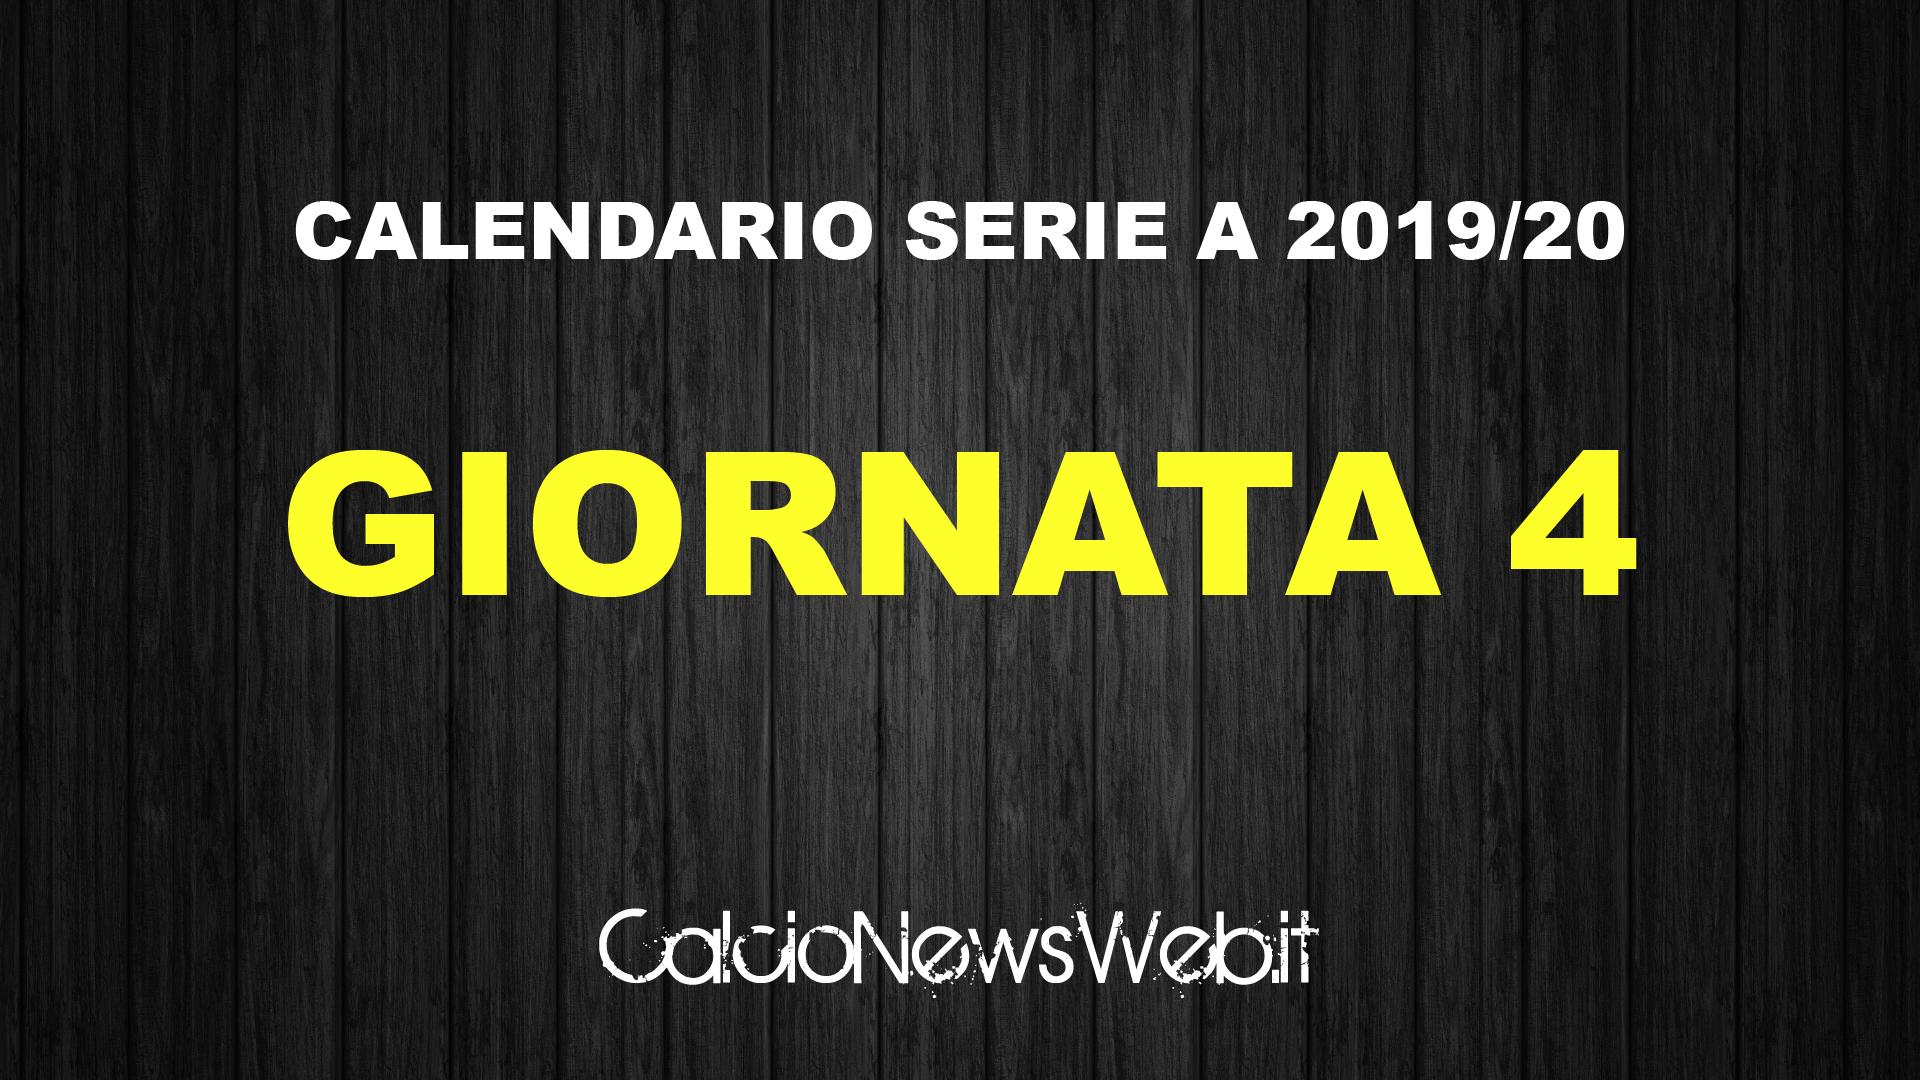 Calendario Serie A E Orari Delle Partite.Calendario Serie A Ecco Le Partite Della Quarta Giornata